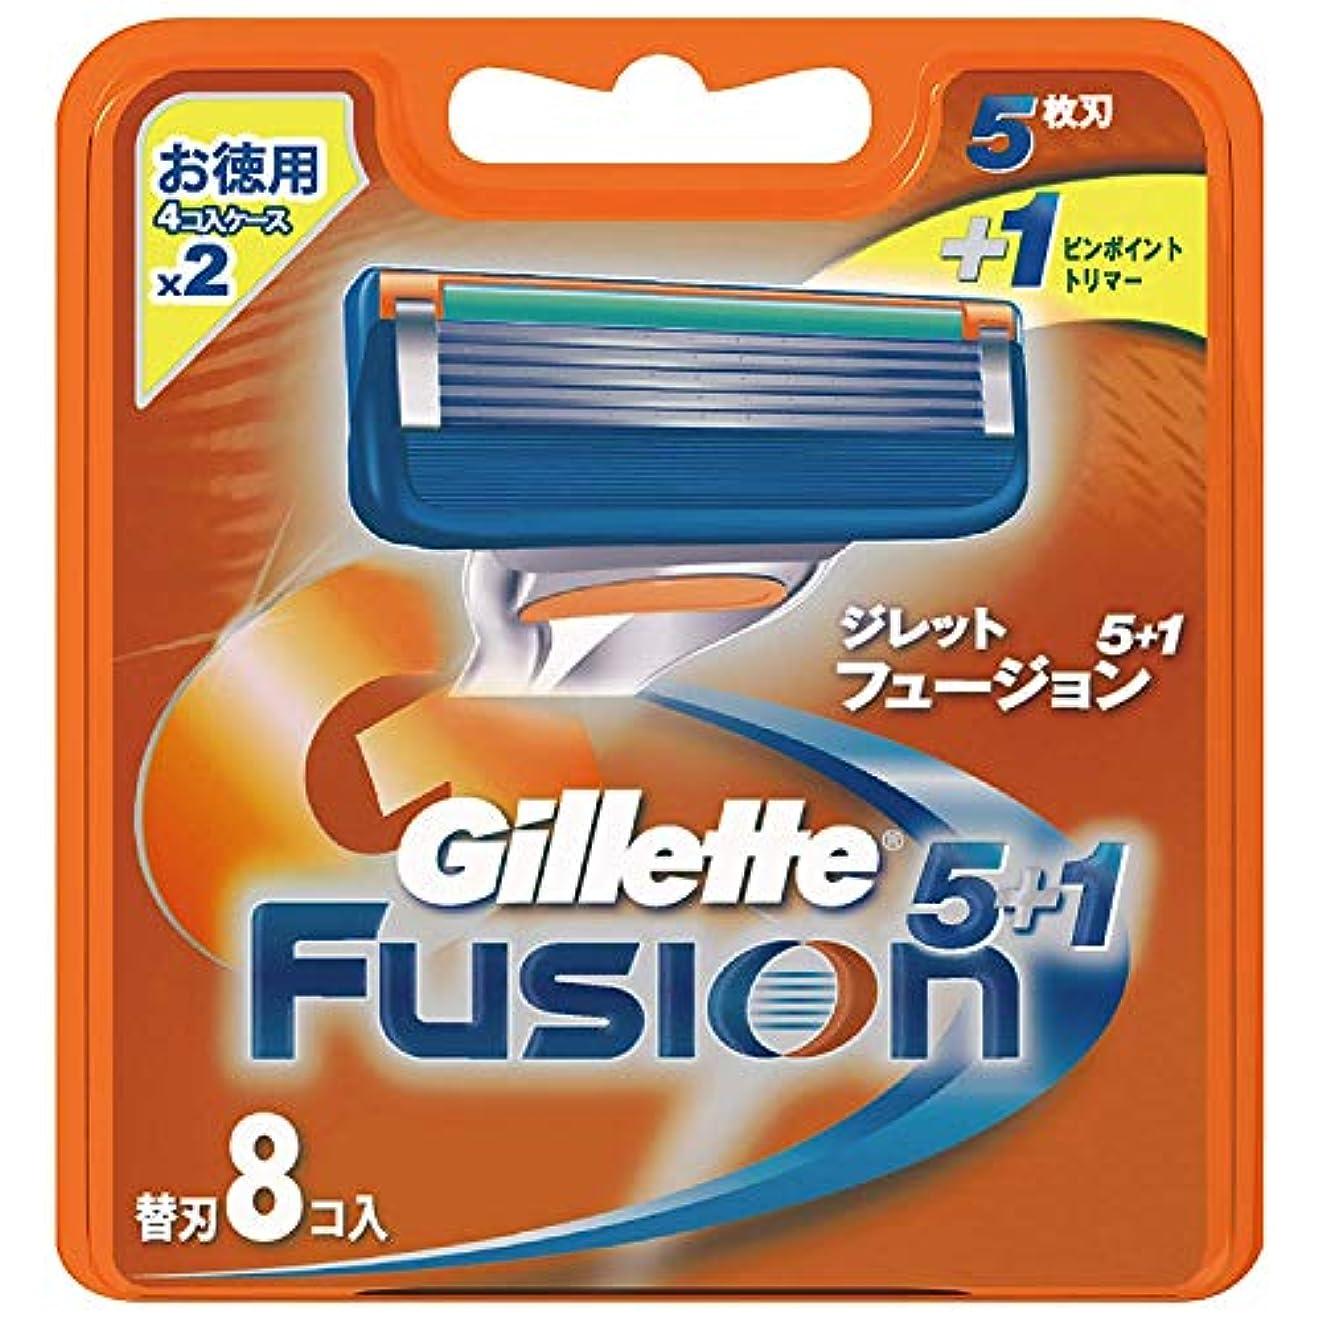 トロリー外交問題明示的にジレット フュージョン5+1 マニュアル 髭剃り 替刃 8コ入 × 20点